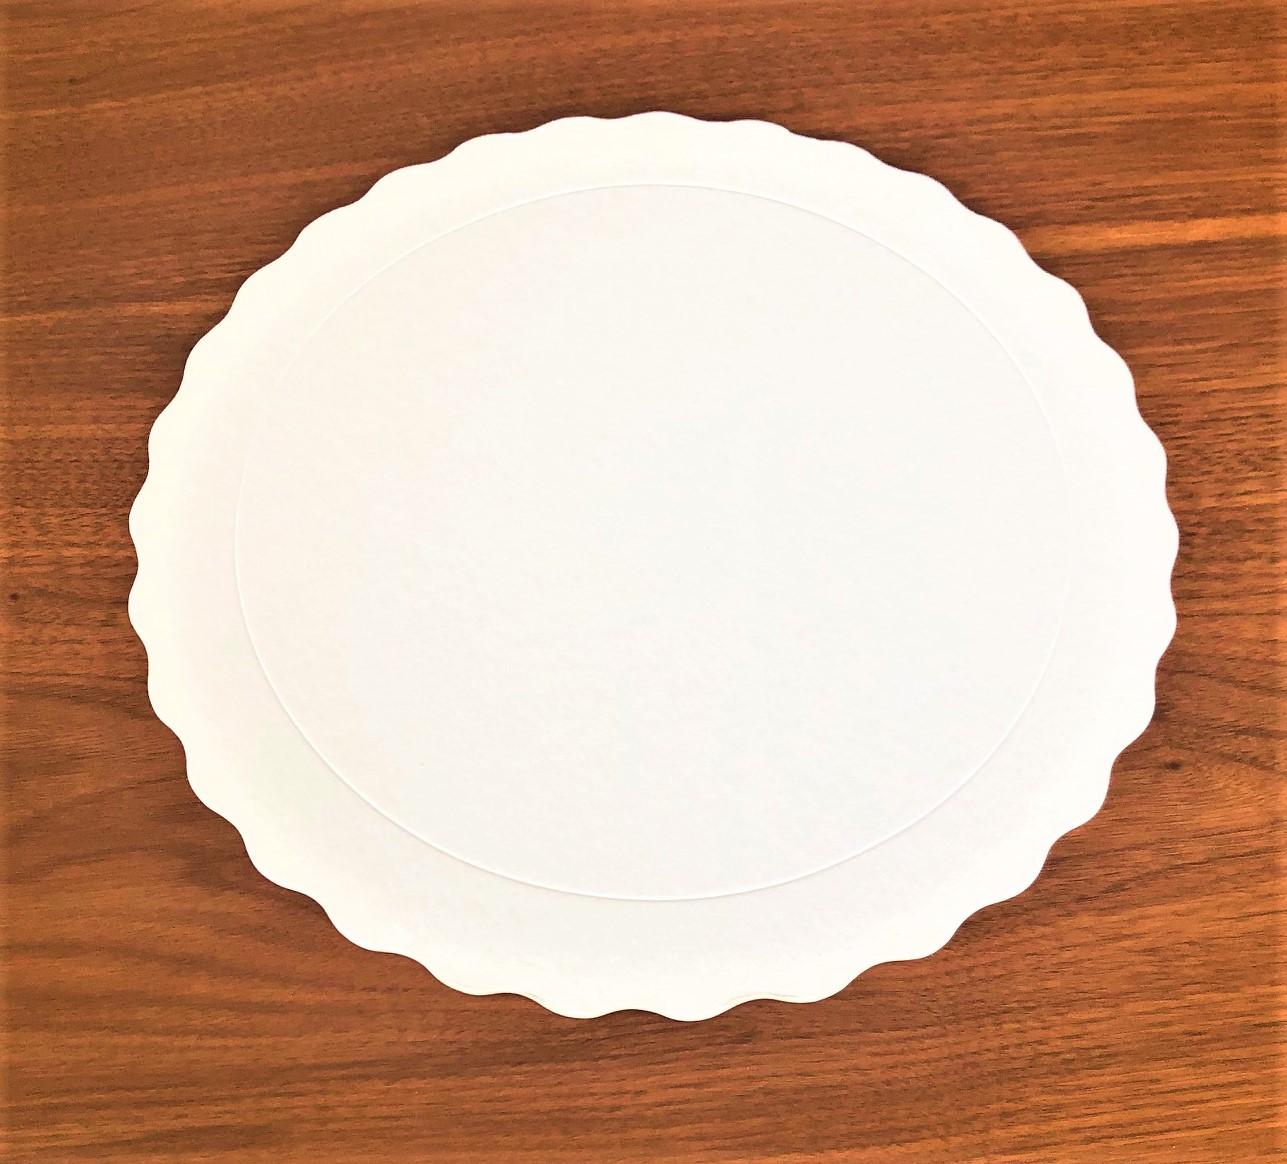 100 Bases Laminadas Para Bolo Redondo, Cake Board 25cm - Branco